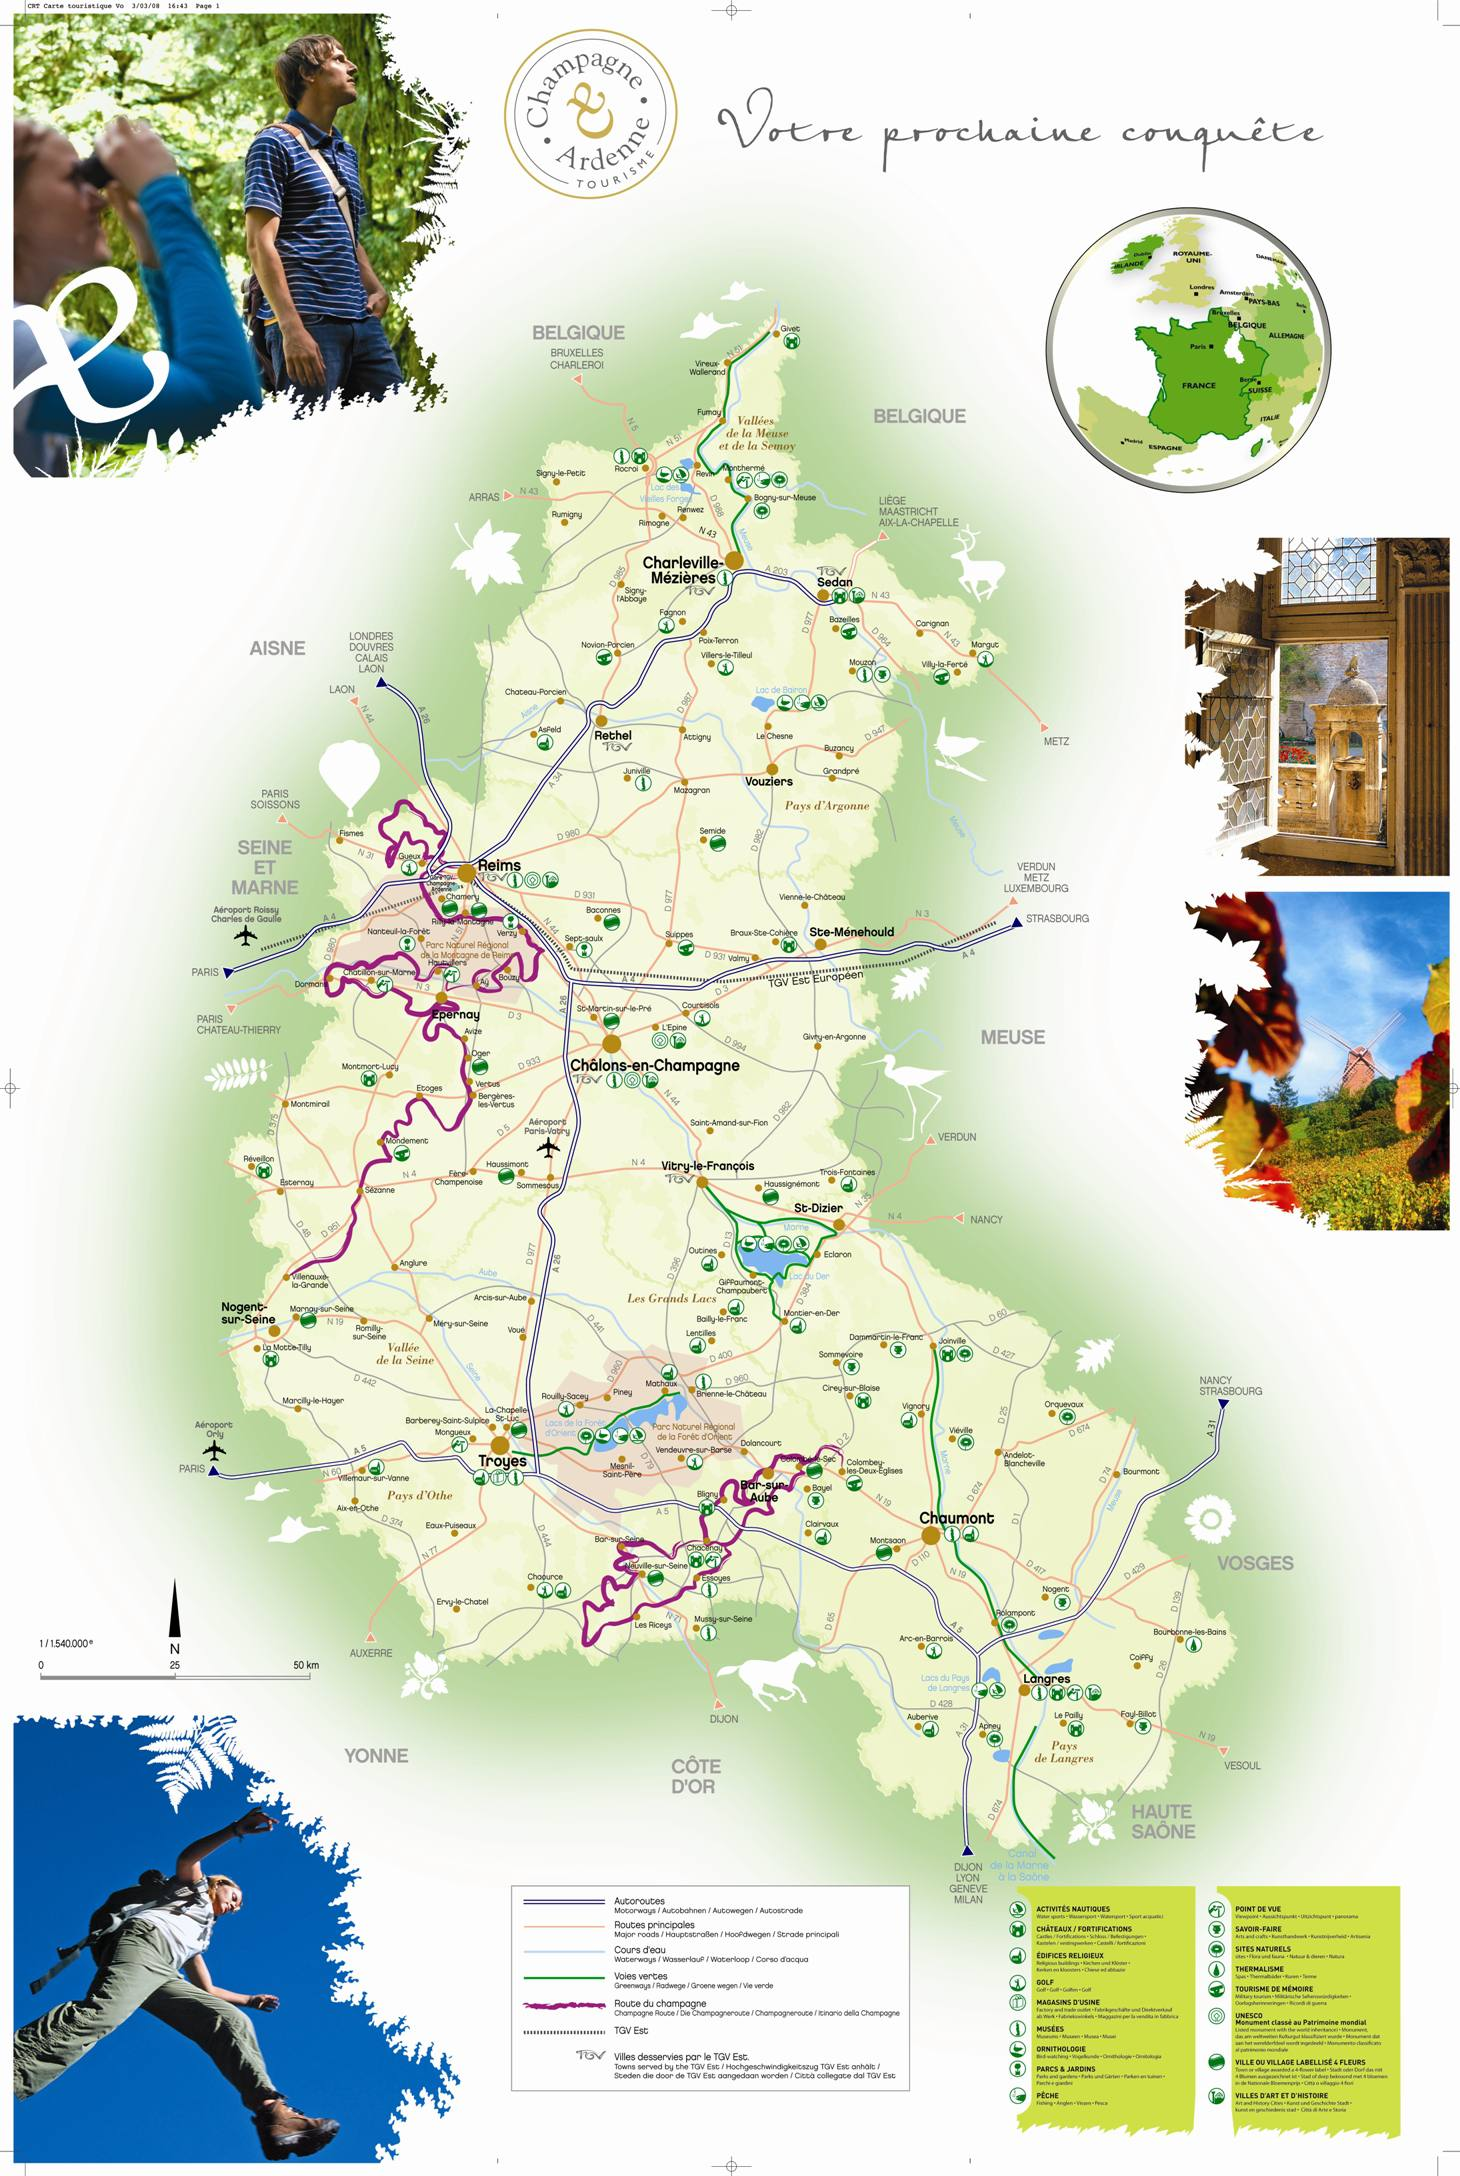 Carte des sites touristiques de la Champagne-Ardenne